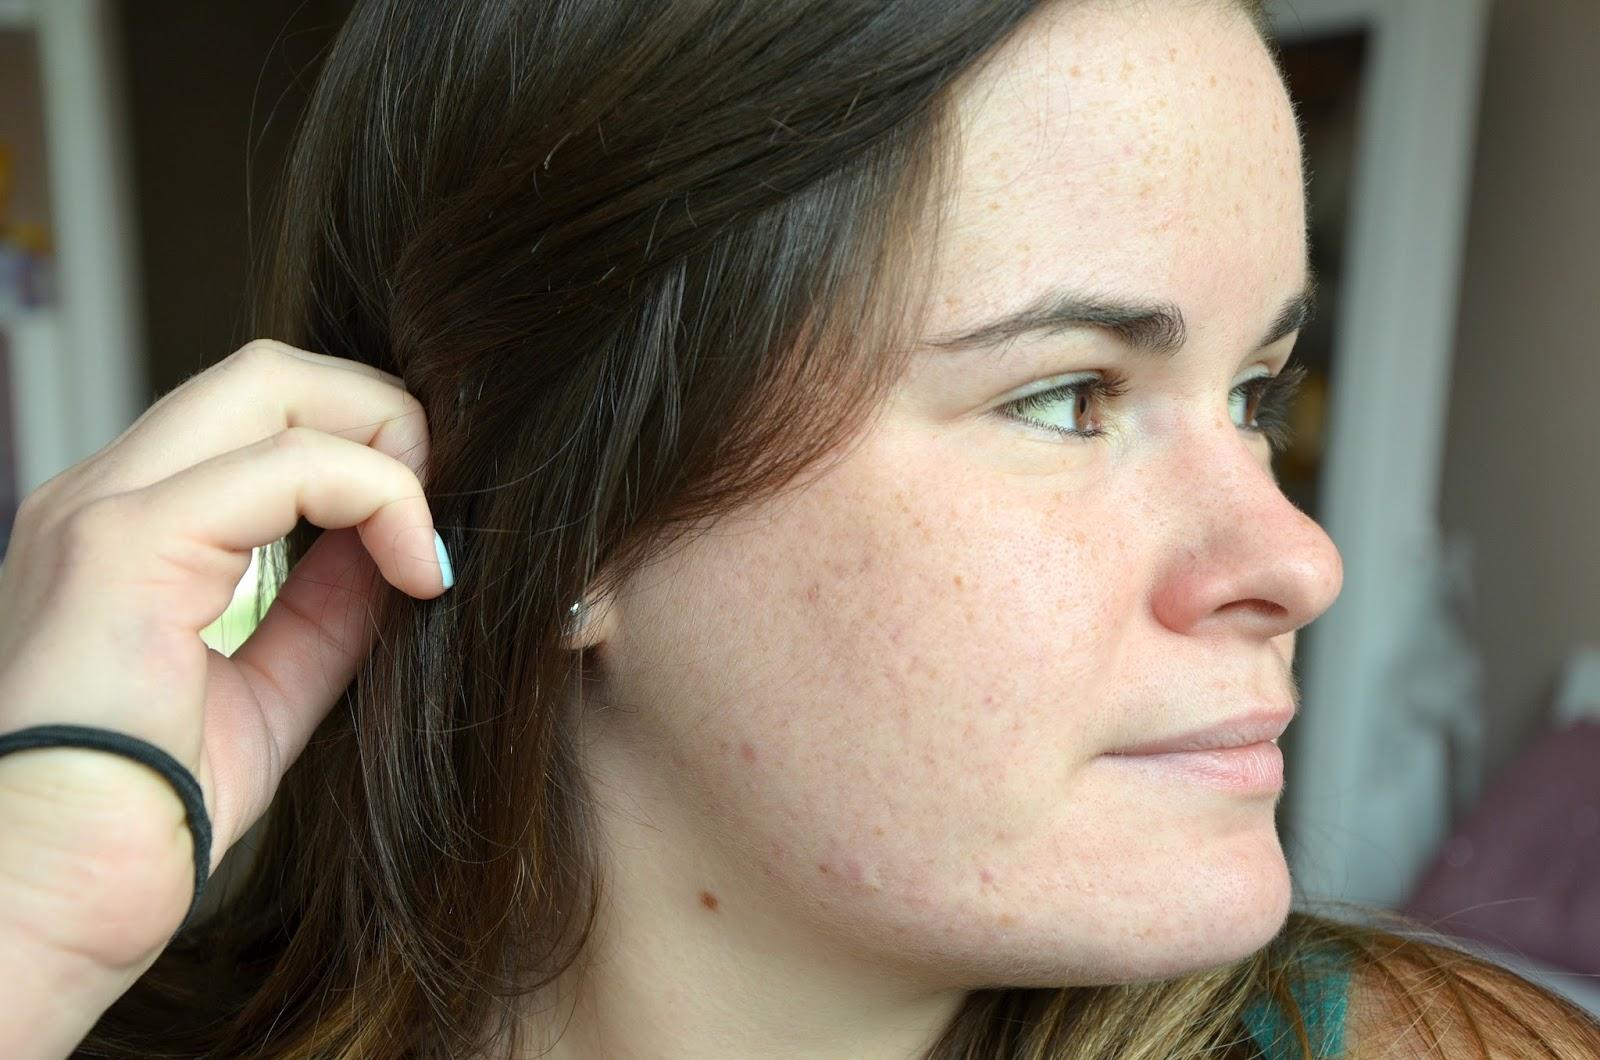 bilan de mon sixième mois de traitement contre l'acné joue droite